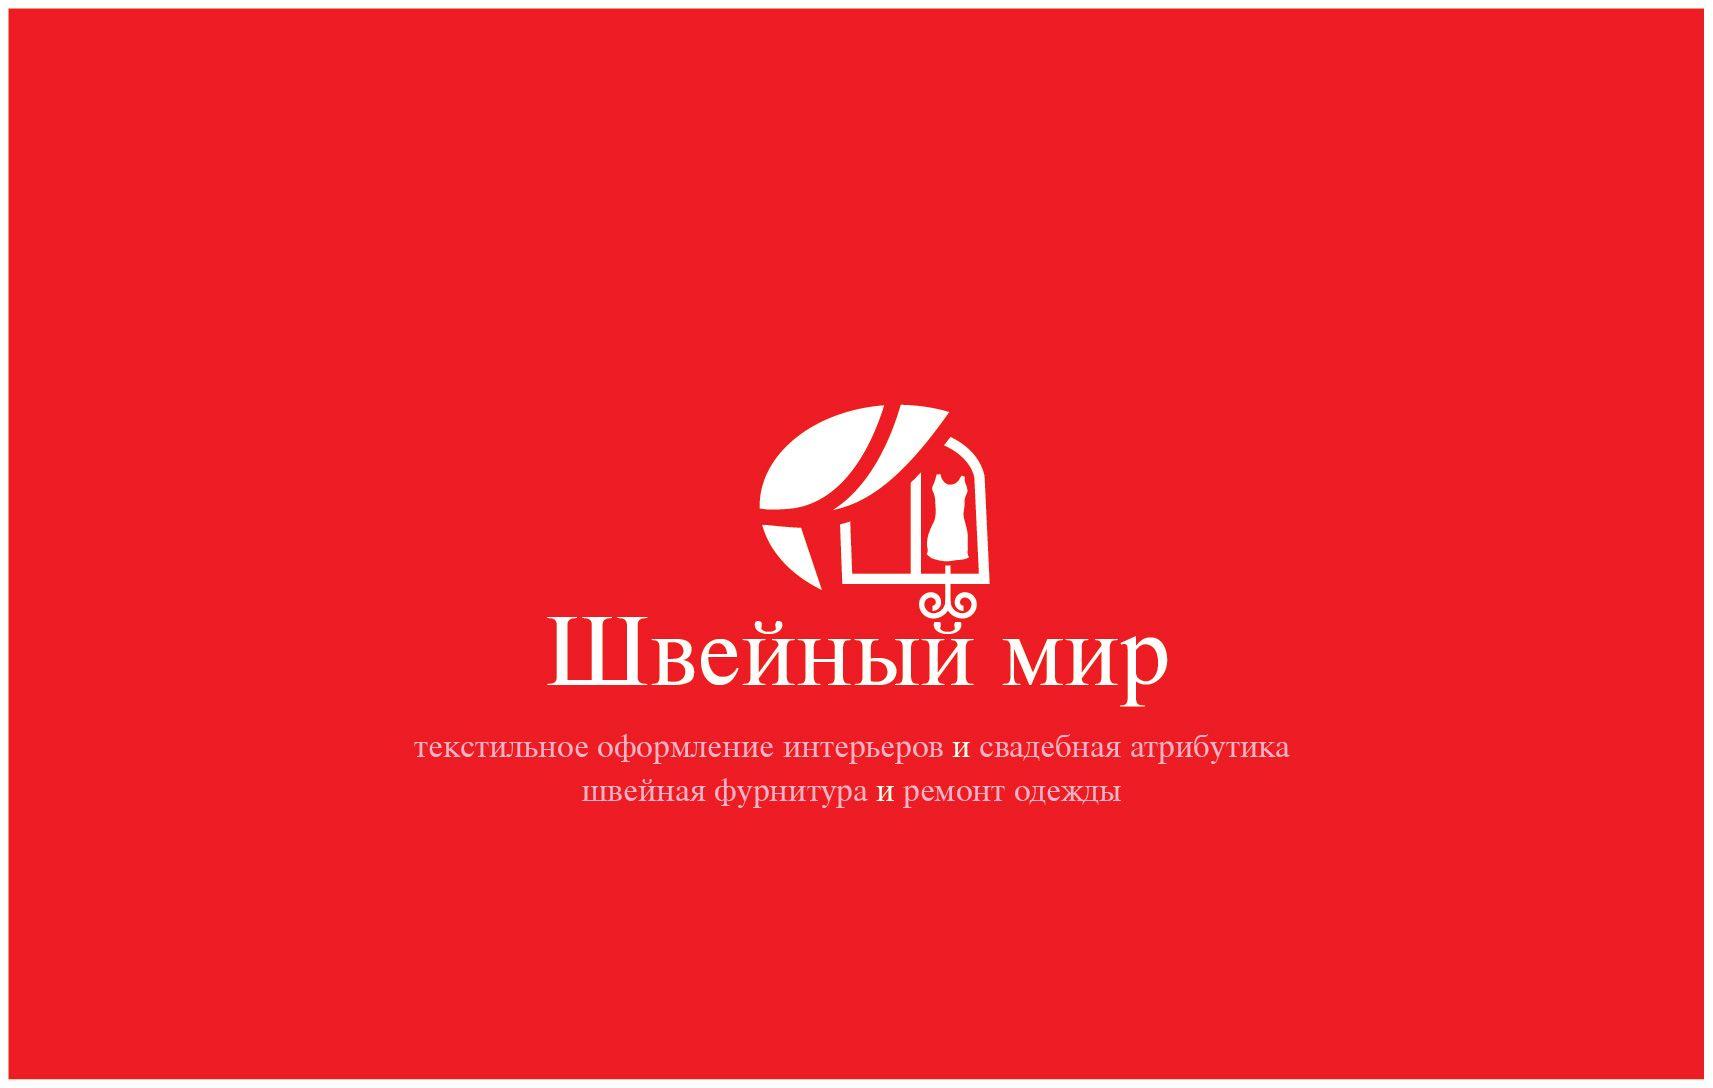 Логотип для ООО Швейный мир - дизайнер Juliette_D